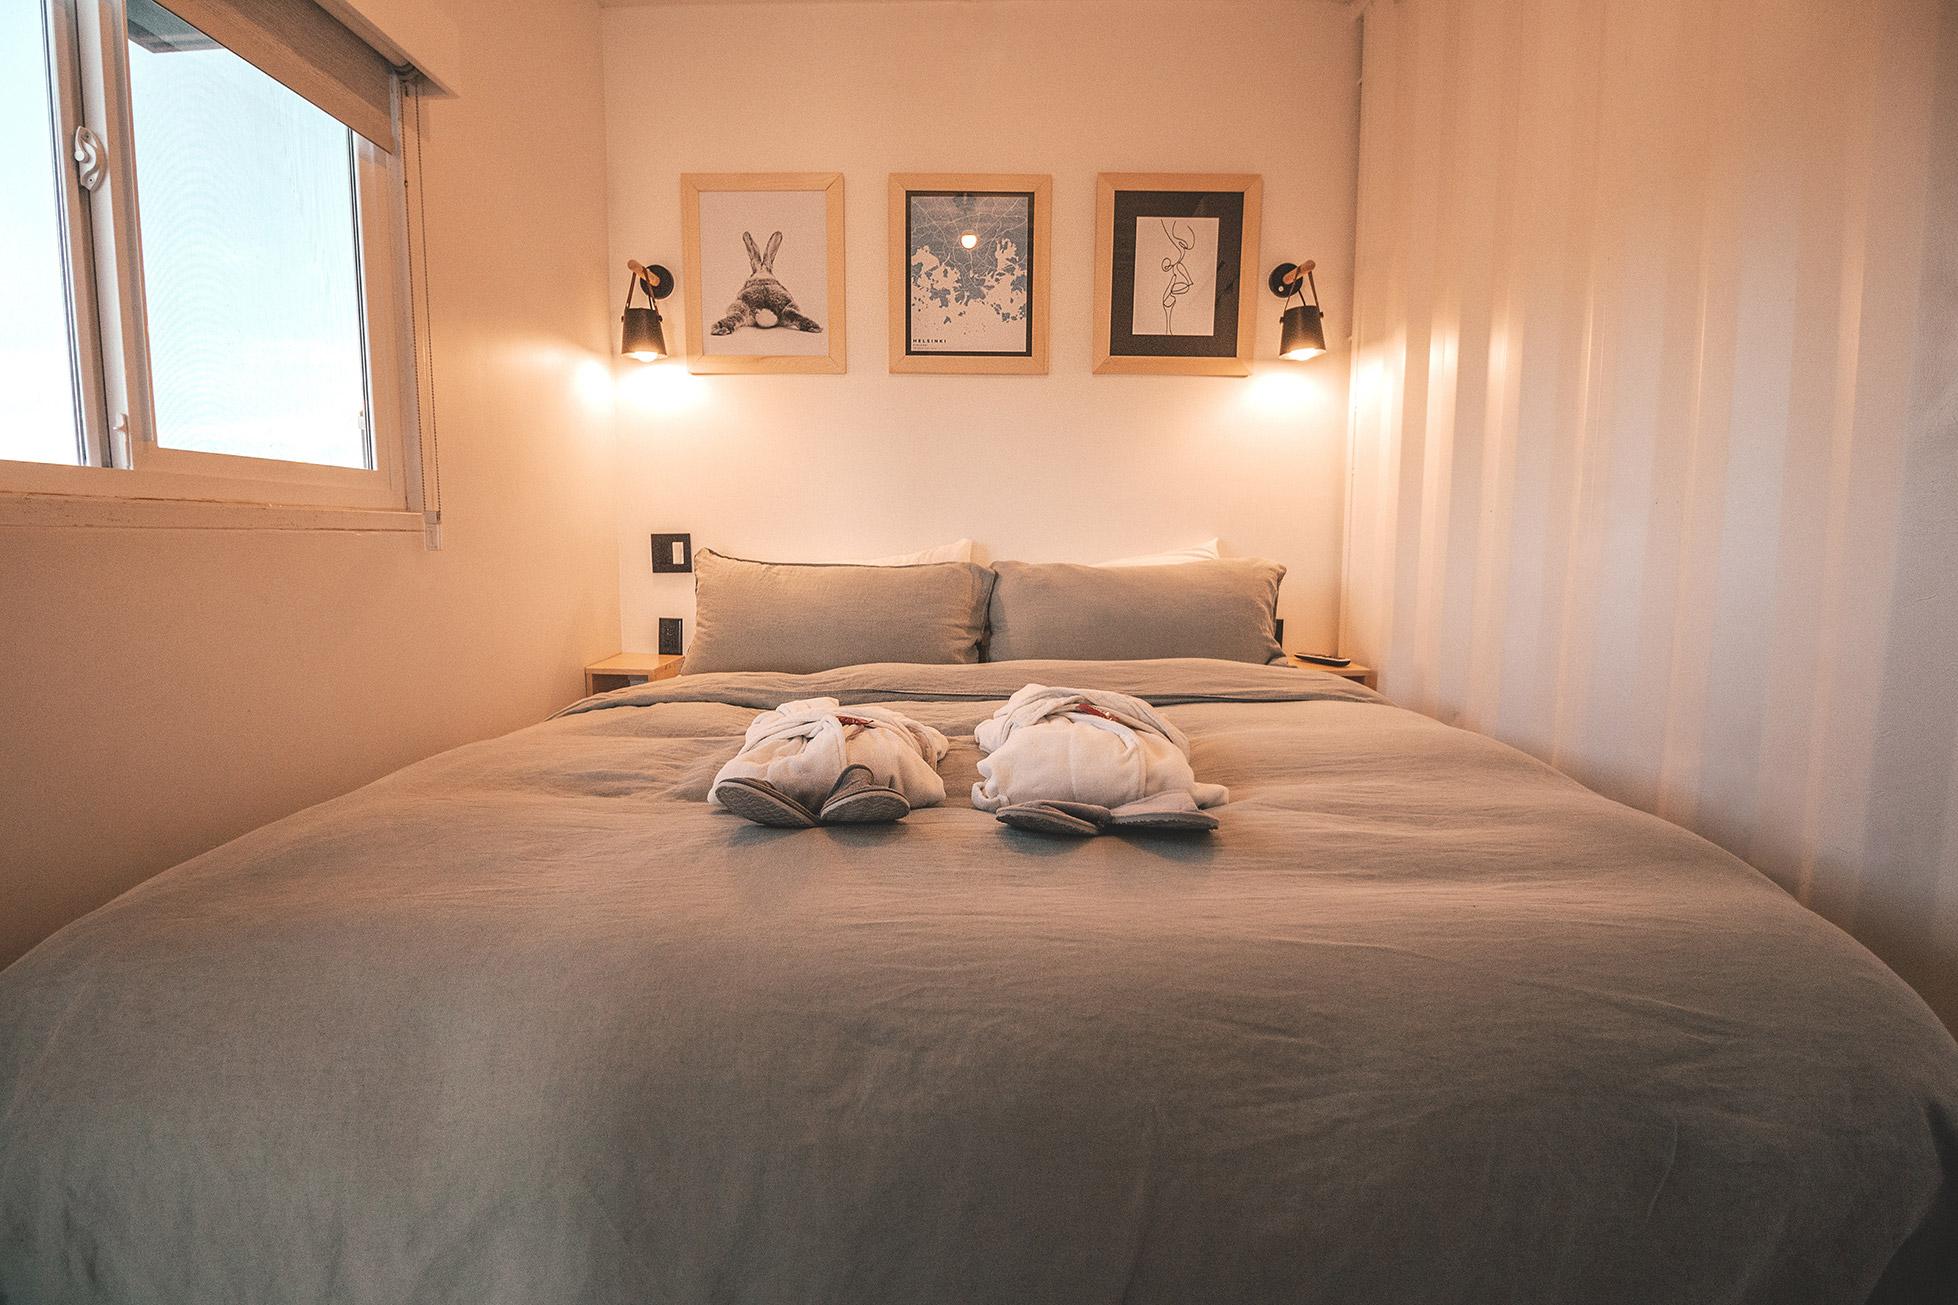 Nos matelas en latex naturel : un véritable atout pour votre sommeil !